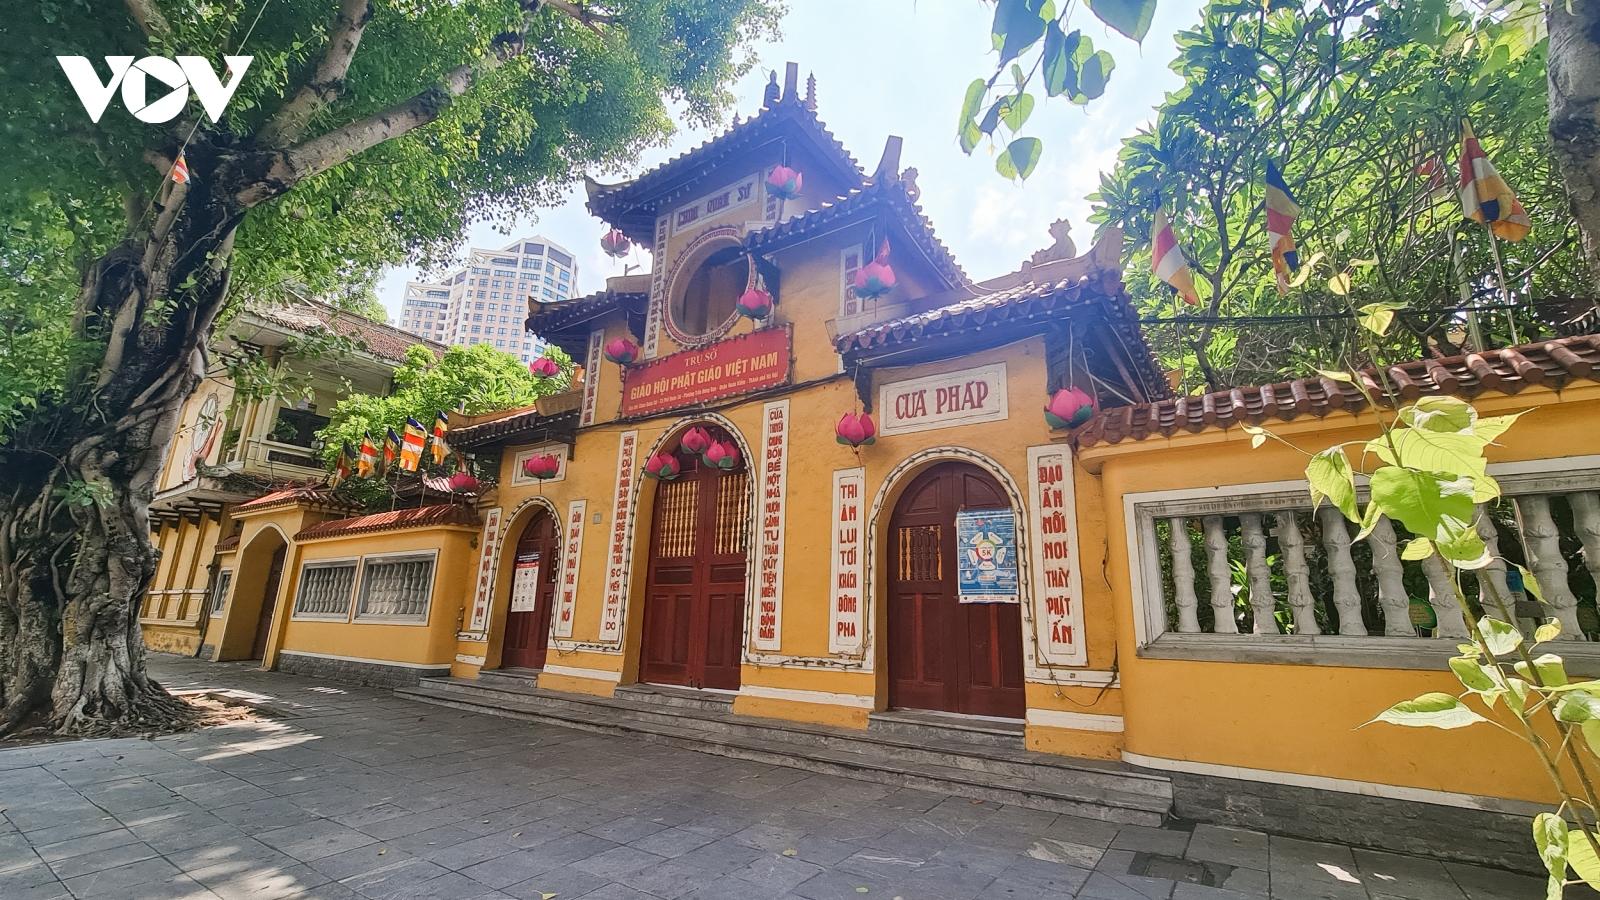 Người dân chấp hành Chỉ thị 16, không còn cảnh vái vọng trước cửa đền chùa ngày rằm